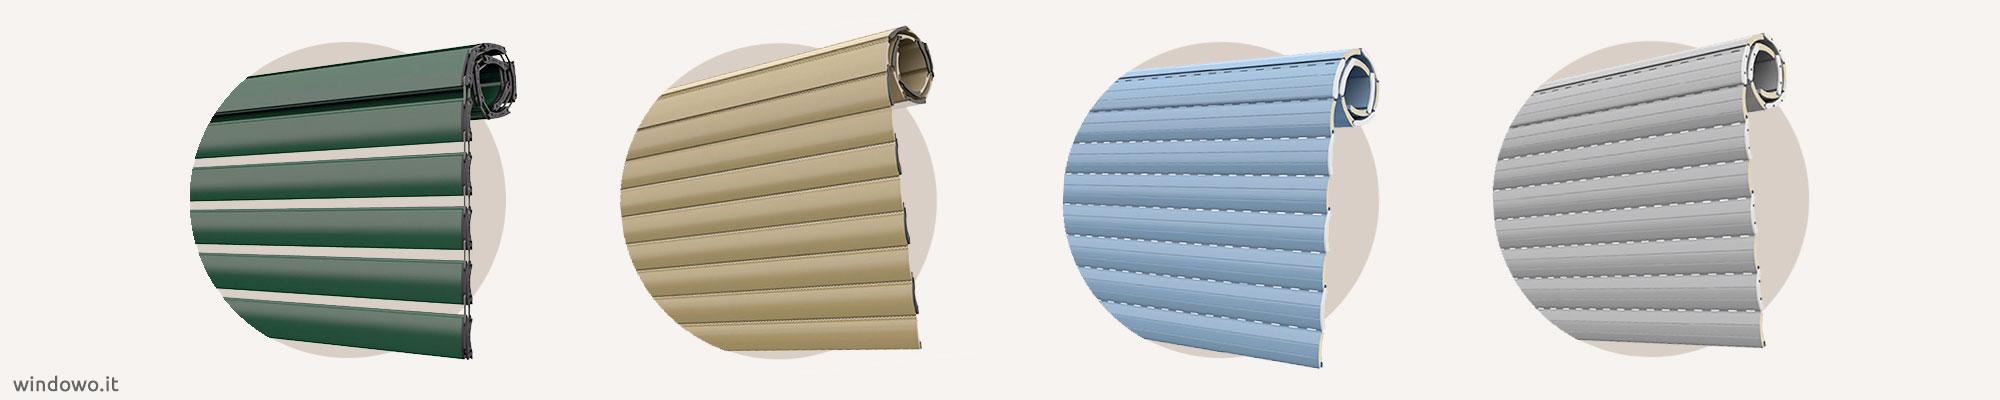 Tapparelle in Alluminio Coibentato